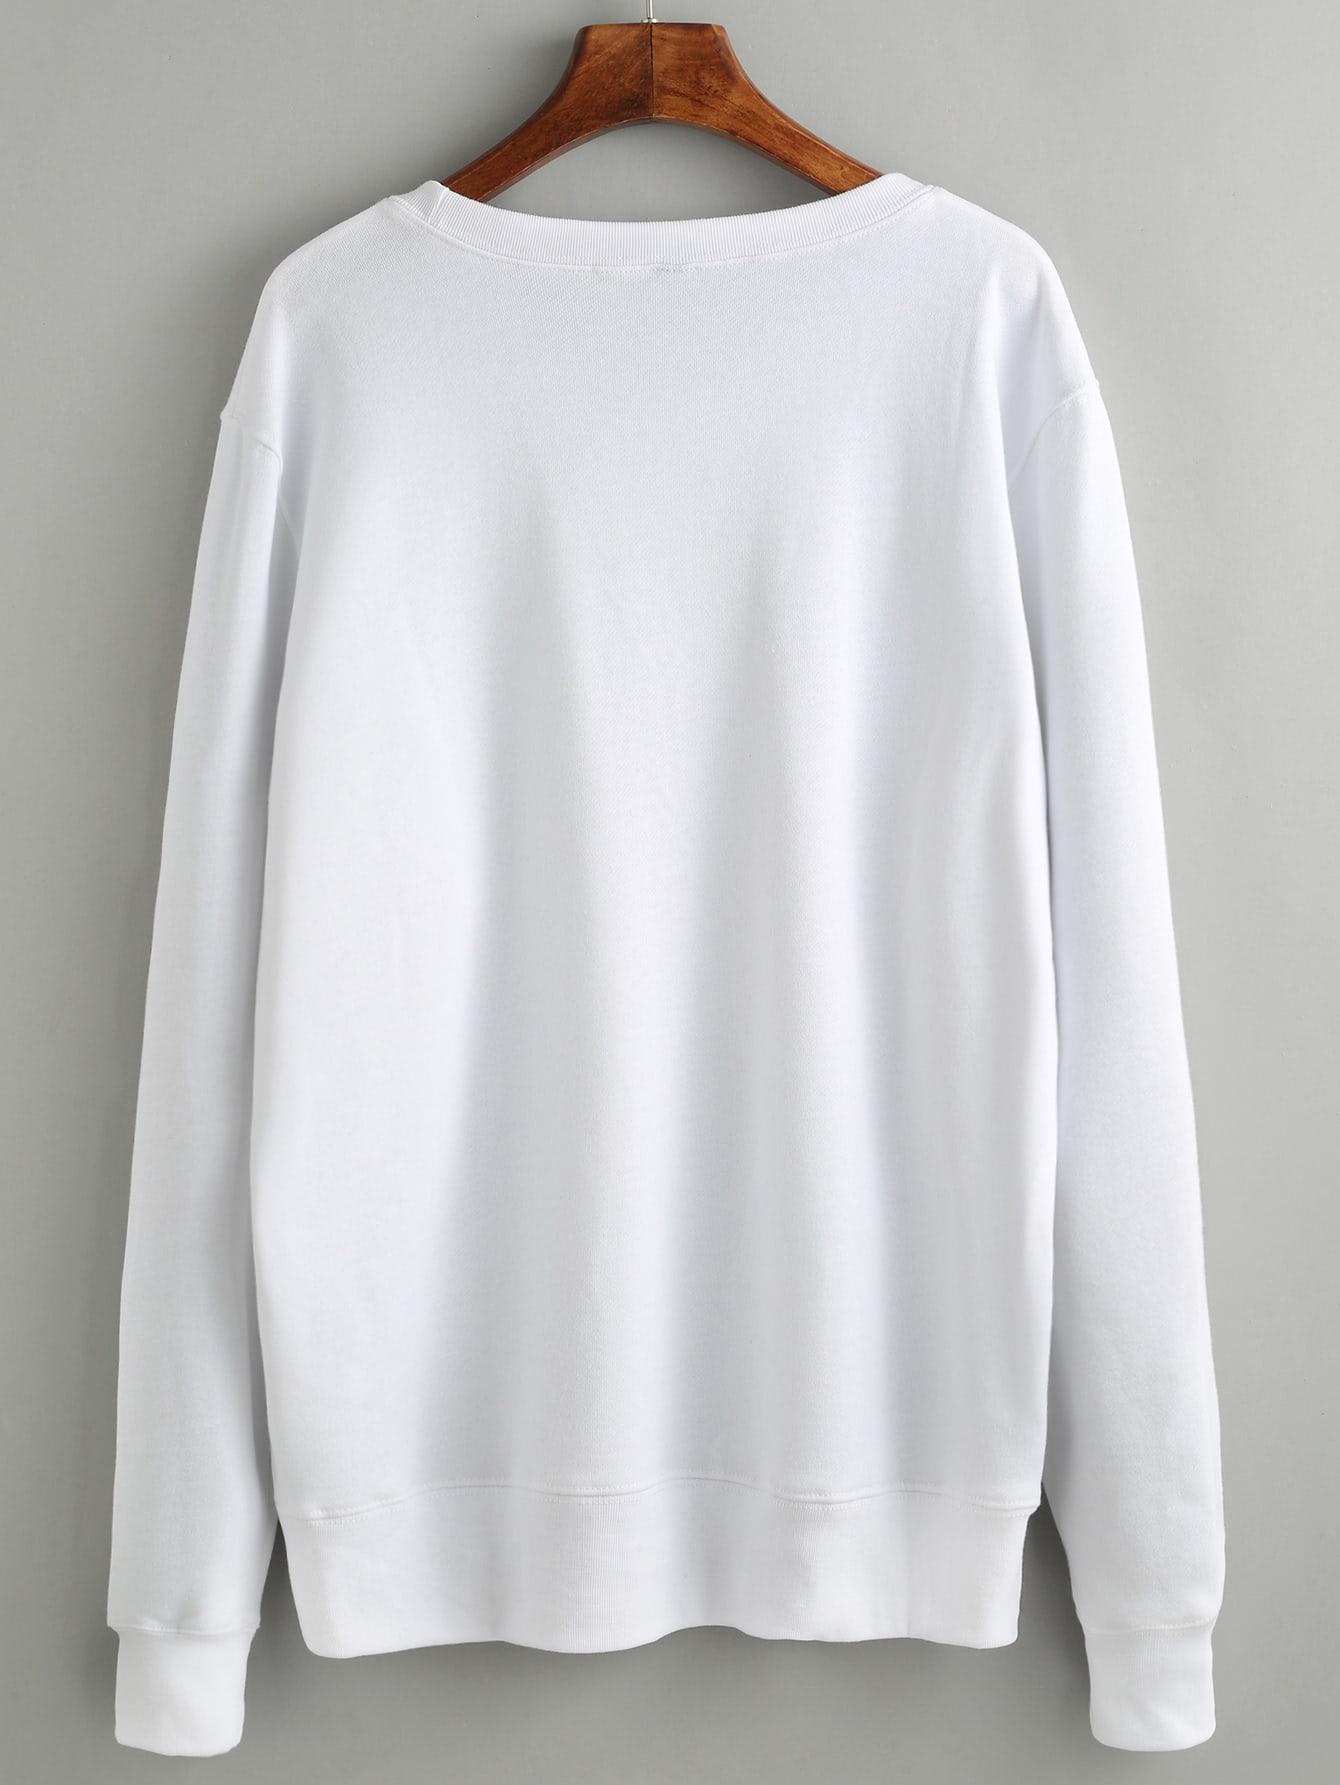 sweatshirt160805302_2